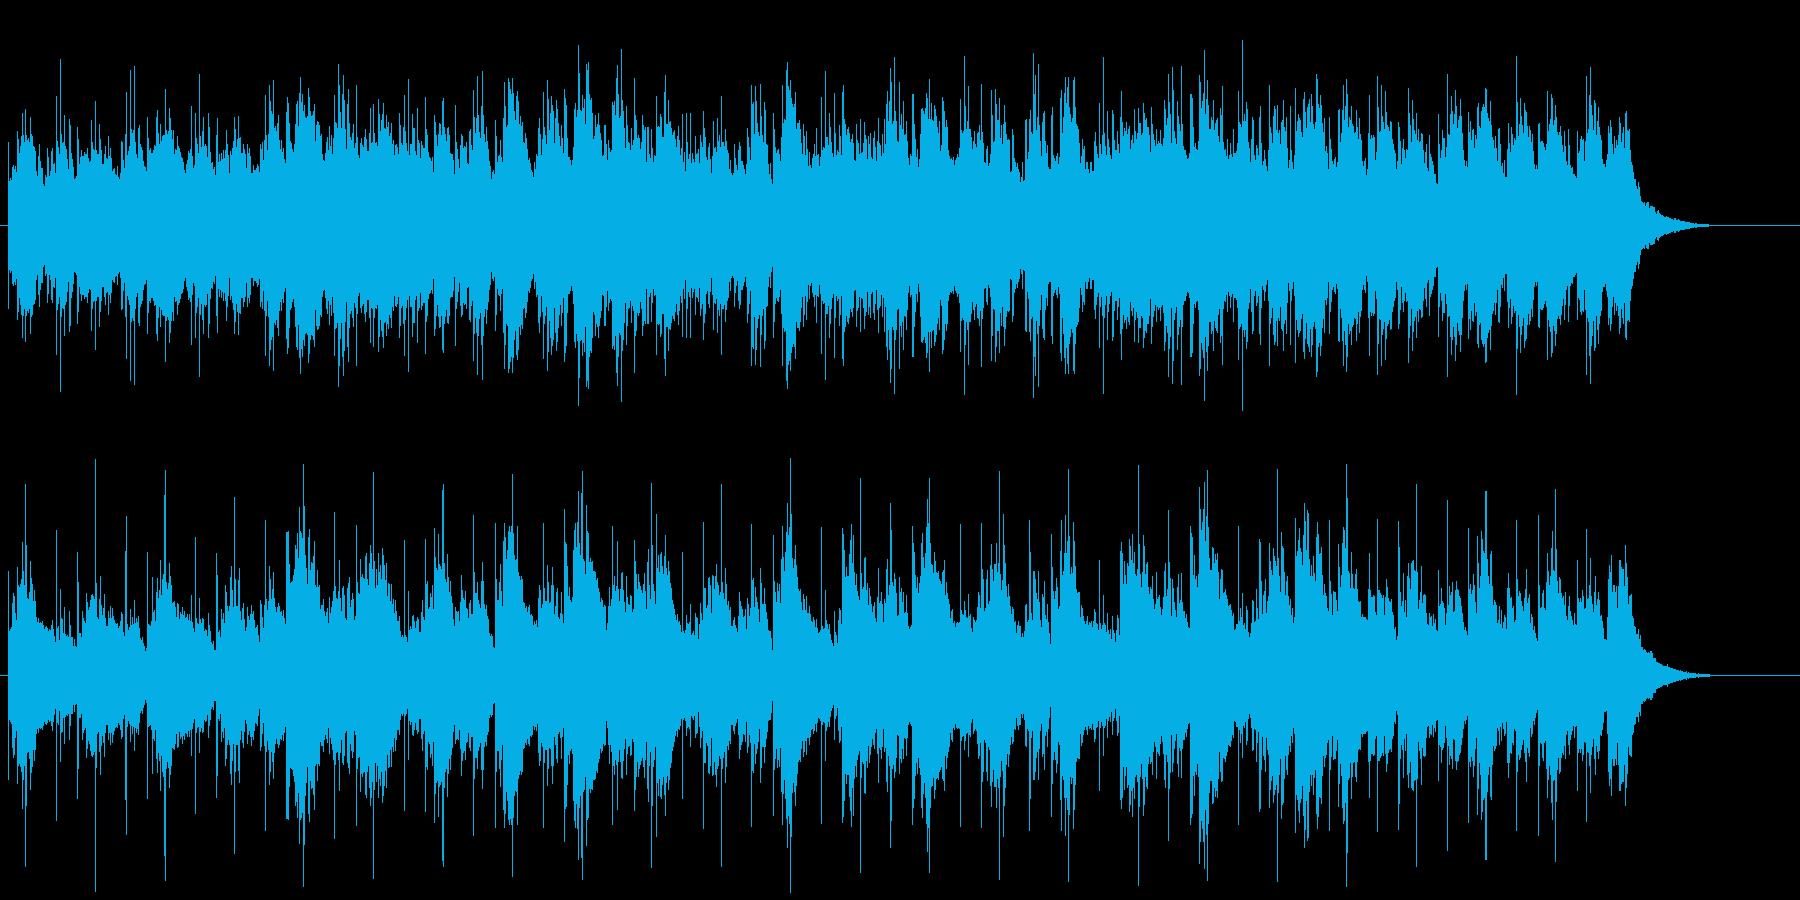 アコースティックギターの響きが心地よいの再生済みの波形